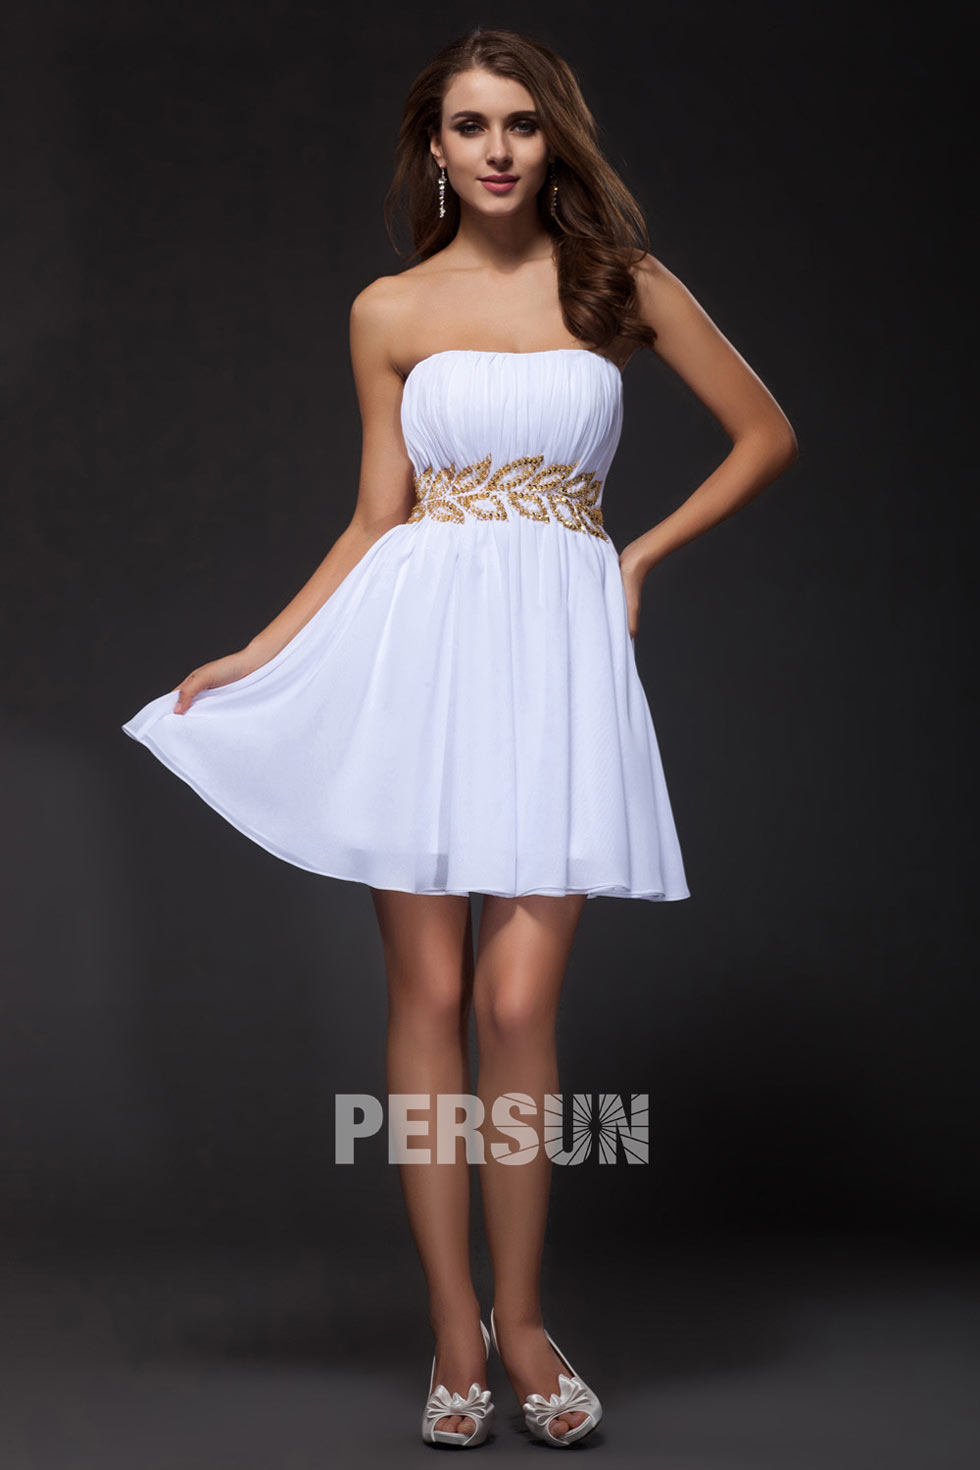 d72aad63556b Petite robe blanche bustier courte ornée de bijoux en forme de ...